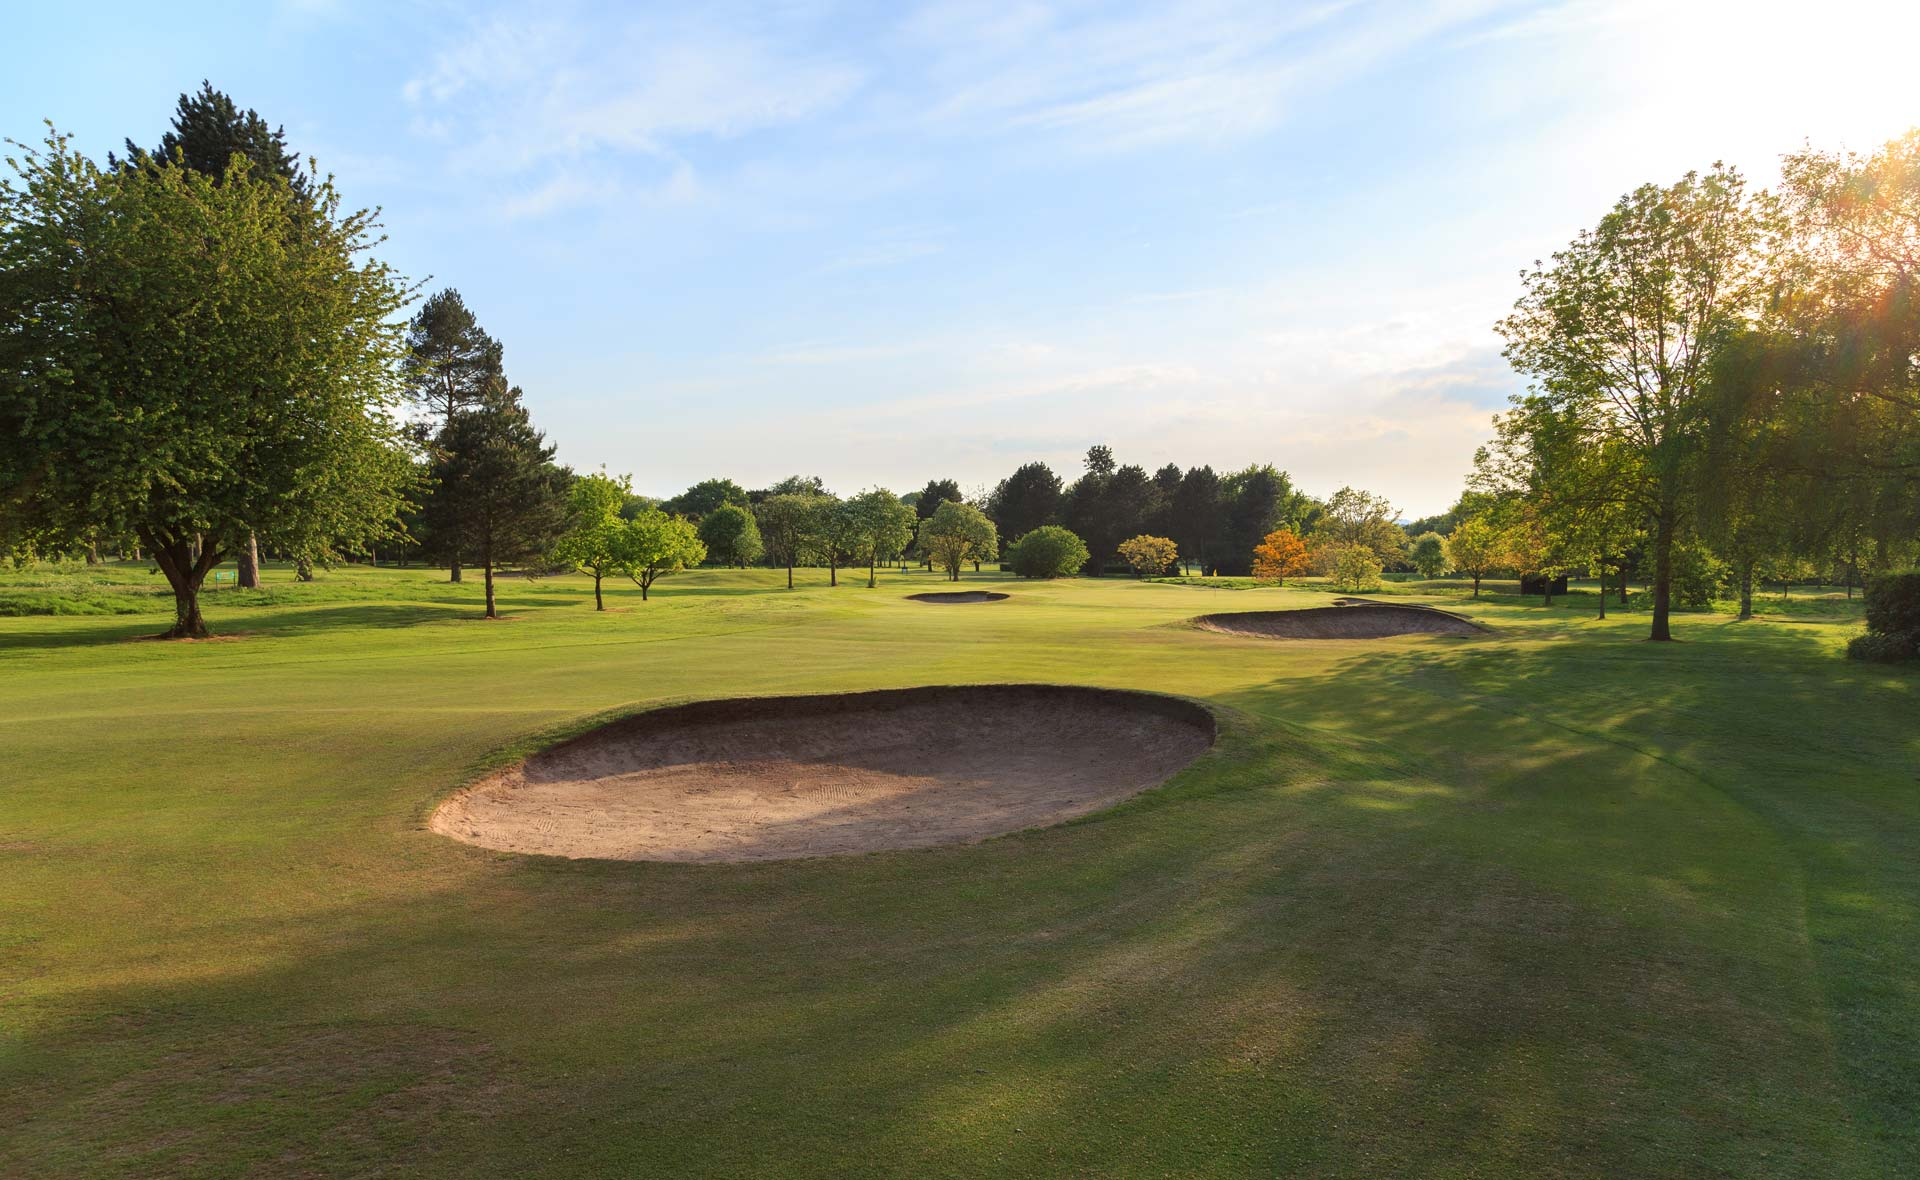 south staffordshire golf club hole 14